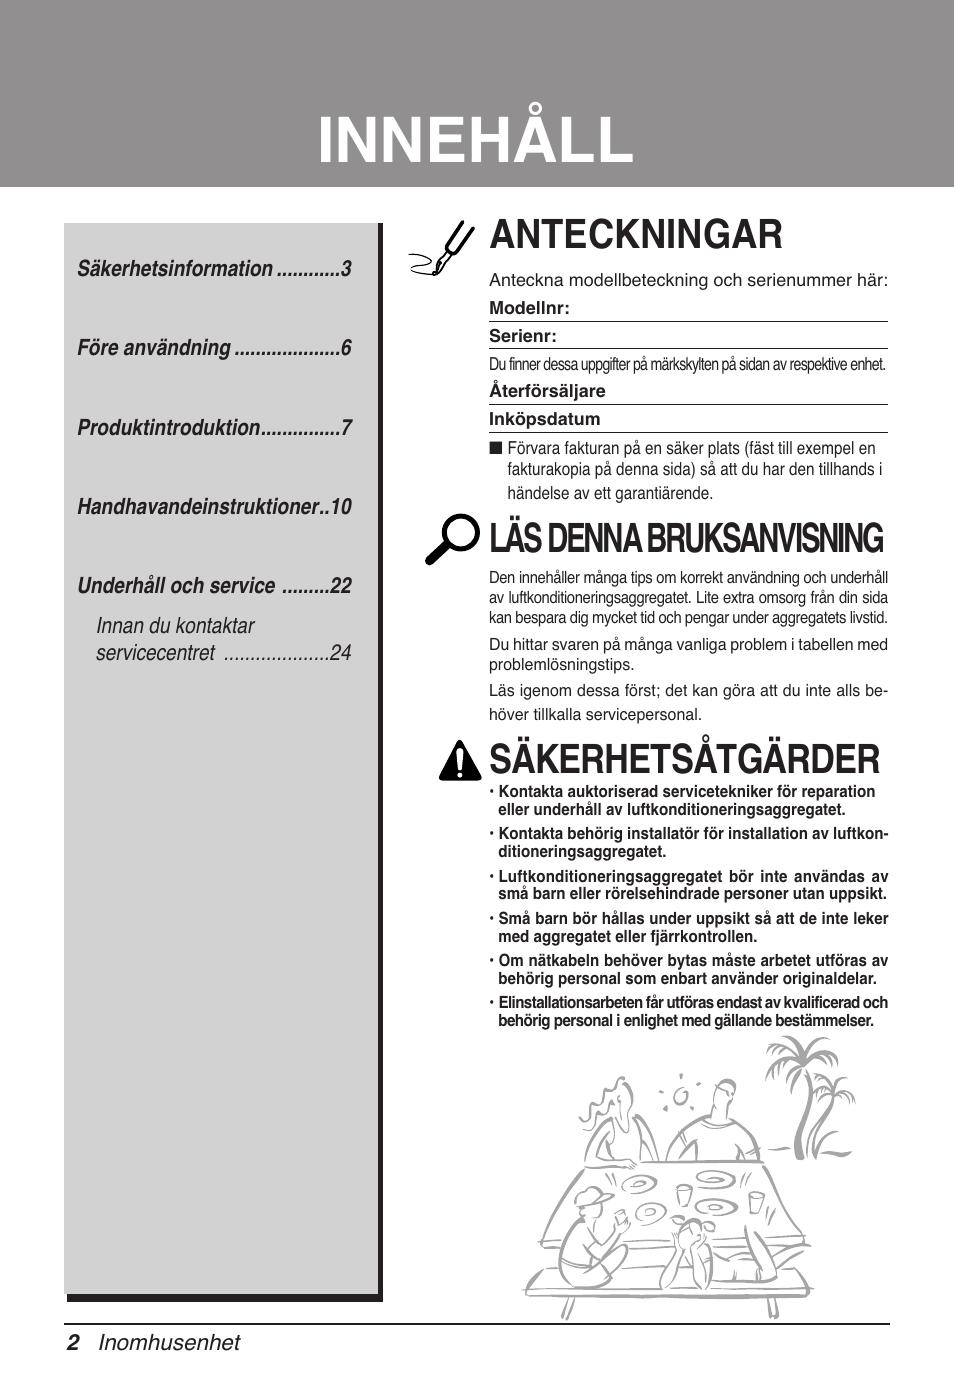 Innehåll, Anteckningar, Läs denna bruksanvisning | Säkerhetsåtgärder | LG  UB60 User Manual | Page